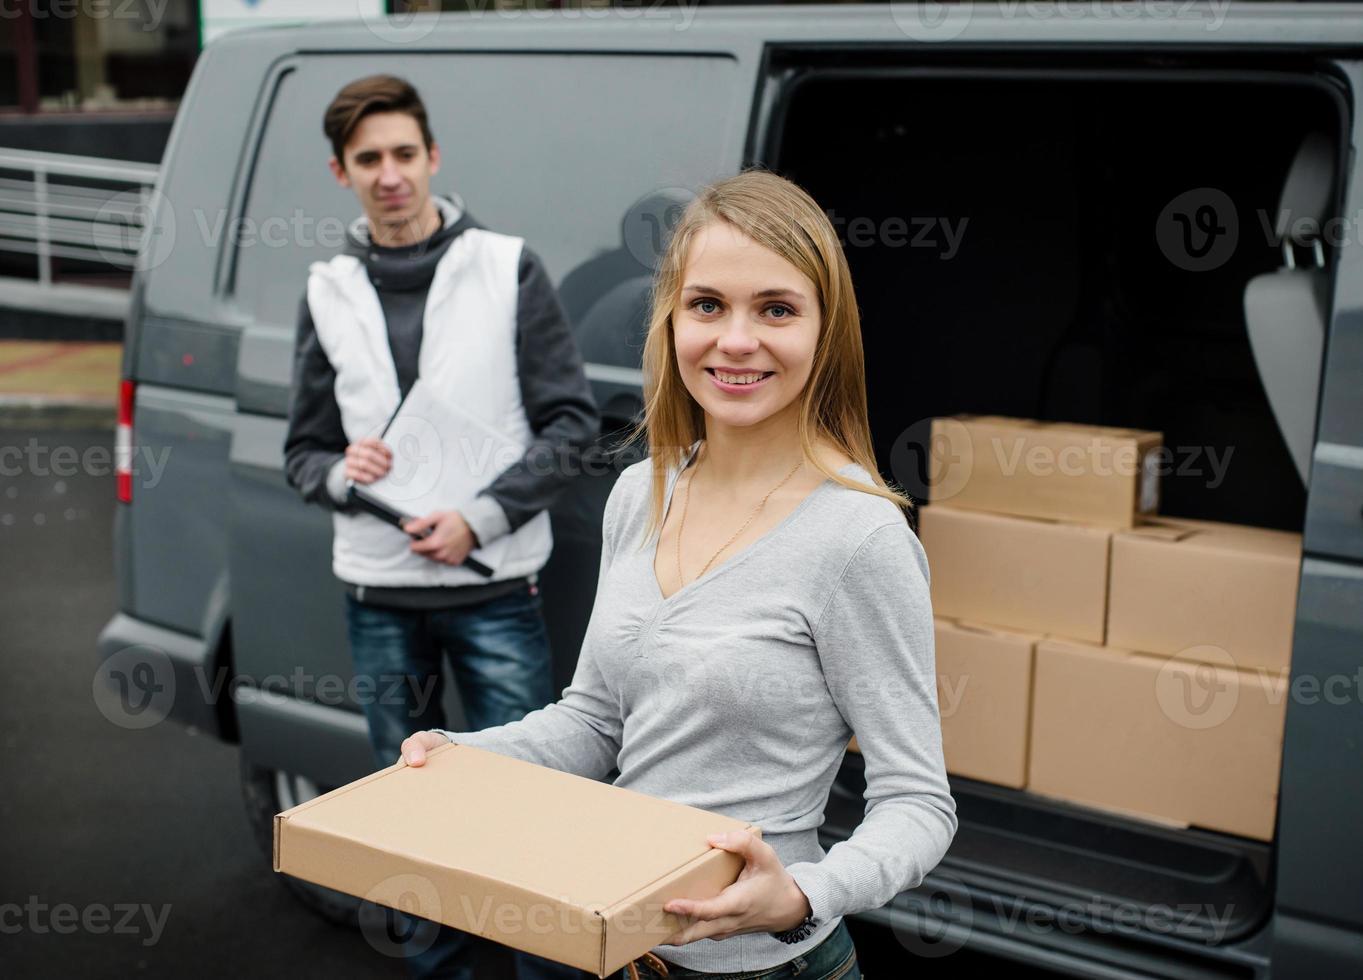 glückliche Frau erhält Paket vom Lieferservice. foto